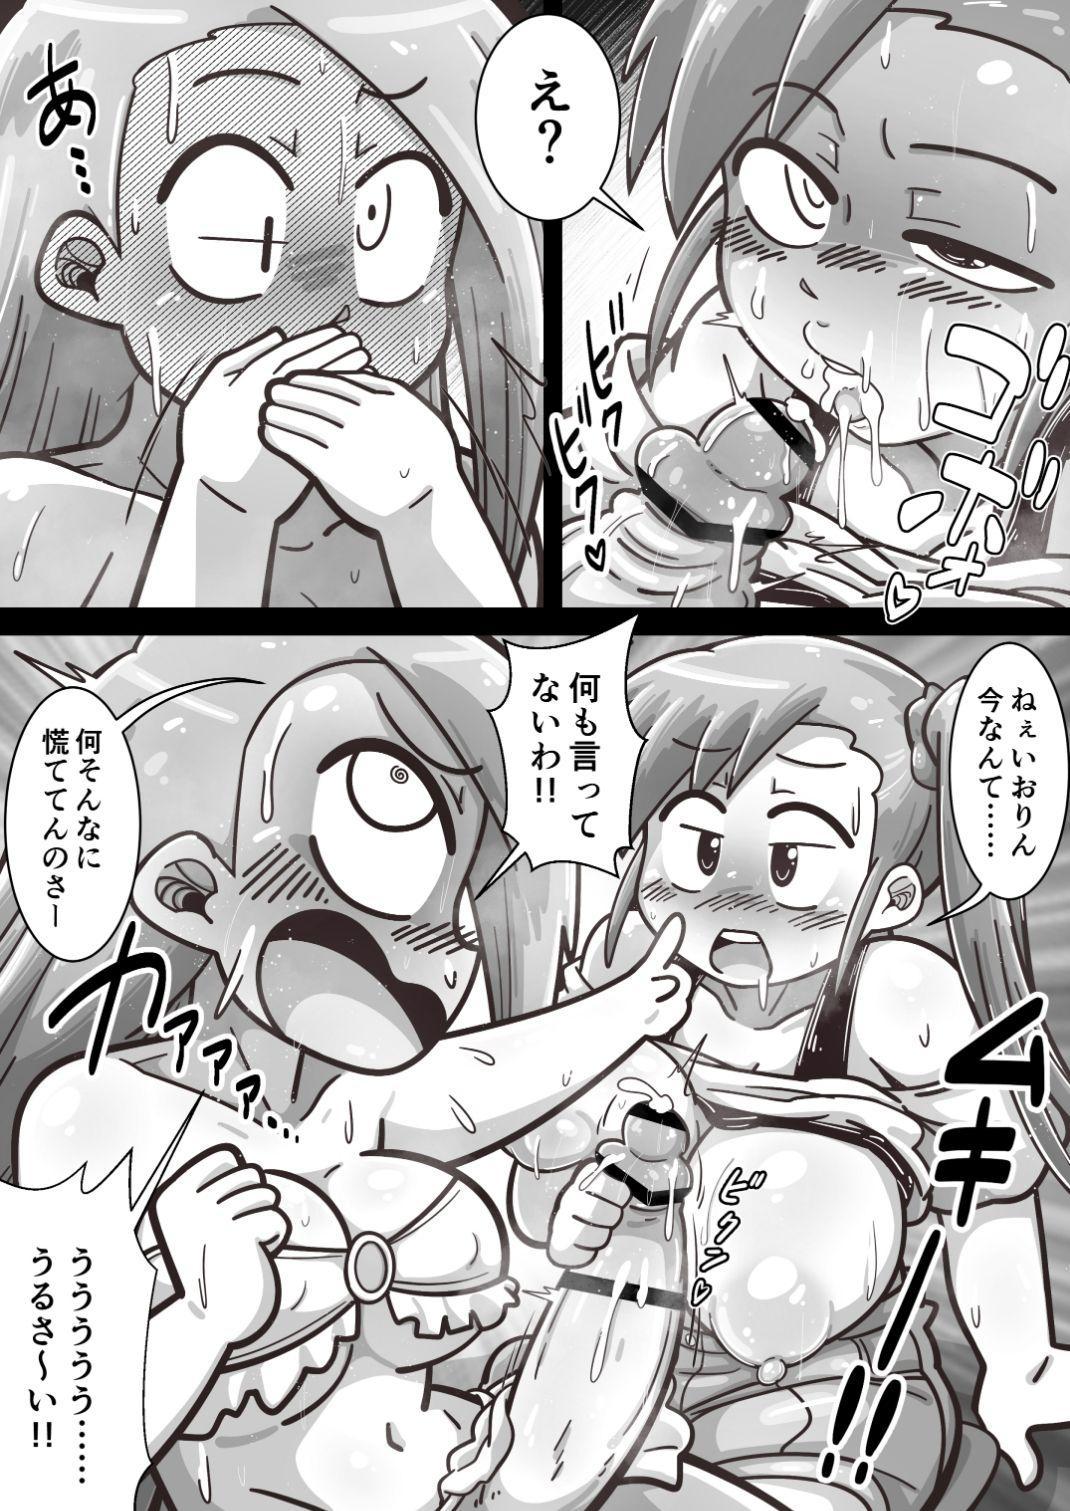 Futanari Iorin ga Mami no Oppai o Tannou suru Manga 14